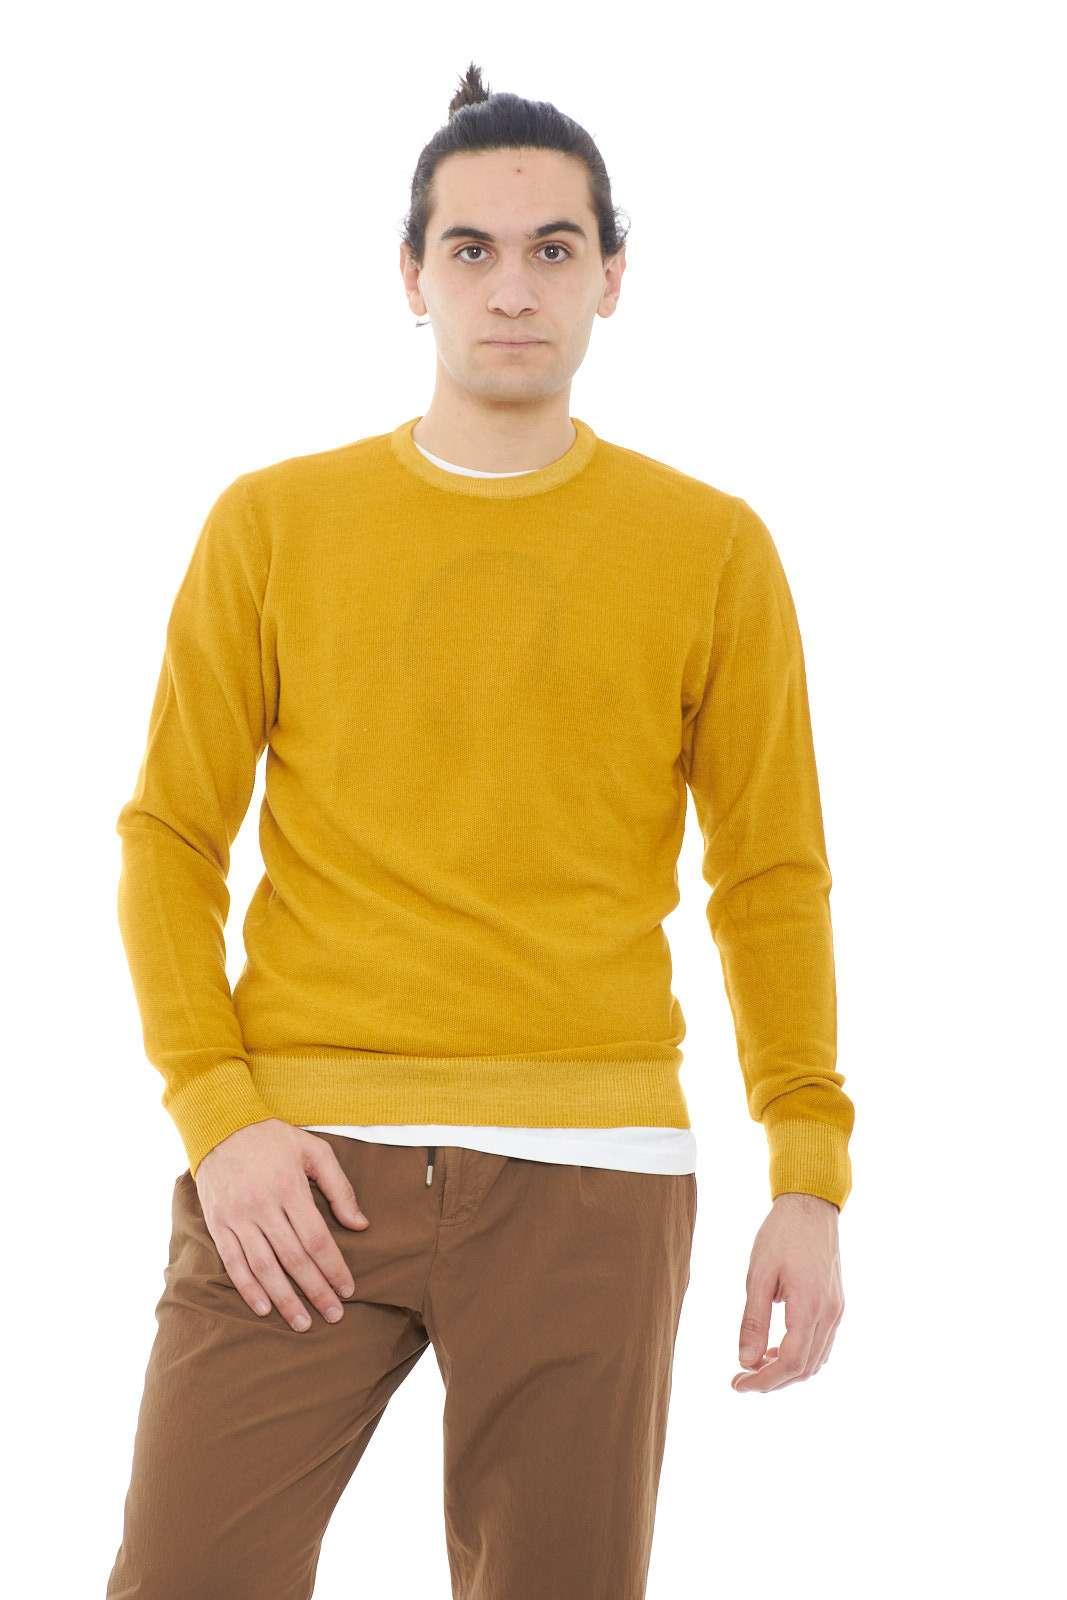 Calada e raffinata, la maglia da uomo proposta dalla collezione Geordie's conquista anche i gusti più esigenti. Una linea basic impreziosita dal pregiato filato in lana merinos con lavorazione piquet per essere adattata ad ogni look. Con un jeans o con un pantalone chino per esaltare ogni outfit.